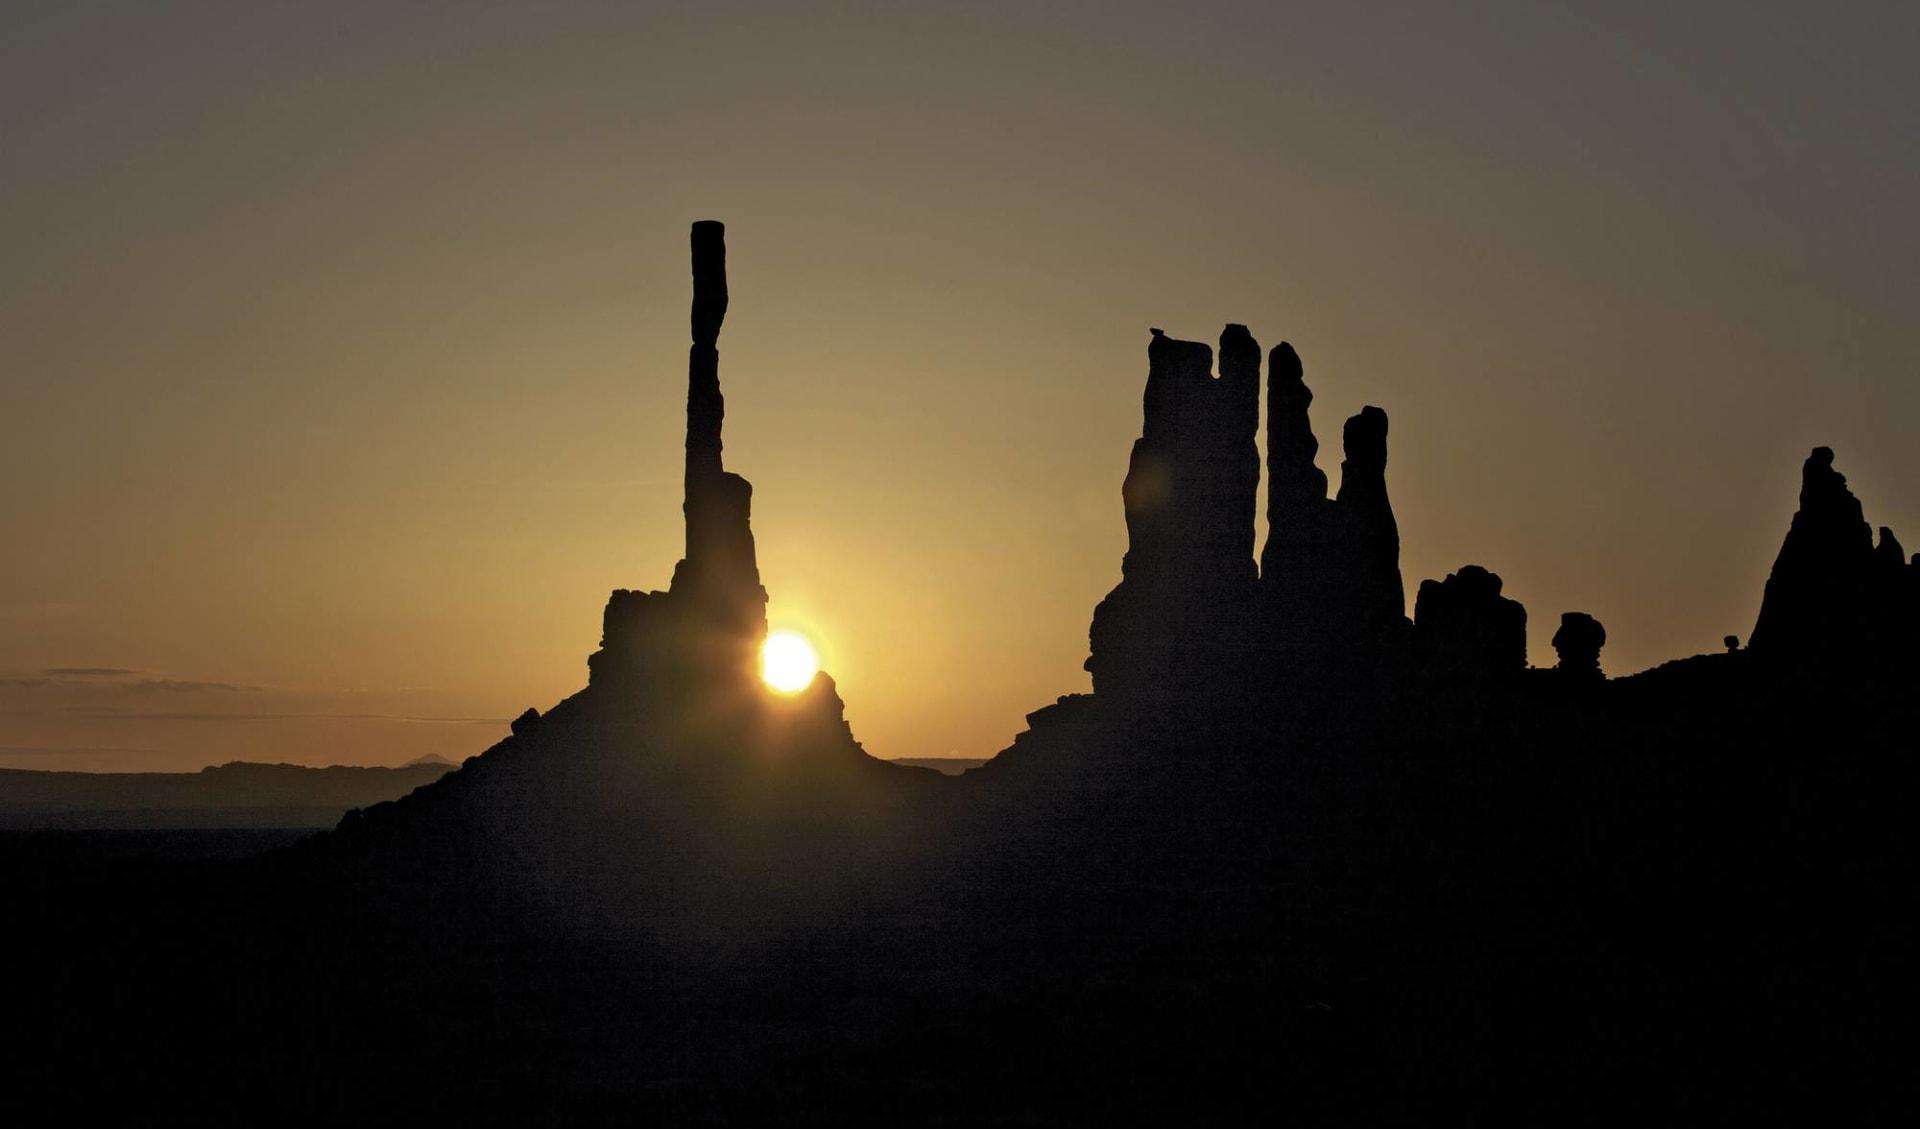 Entdecker-Reise Südwesten ab San Francisco: USA - Arizona - Monument Valley bei Sonnenuntergang